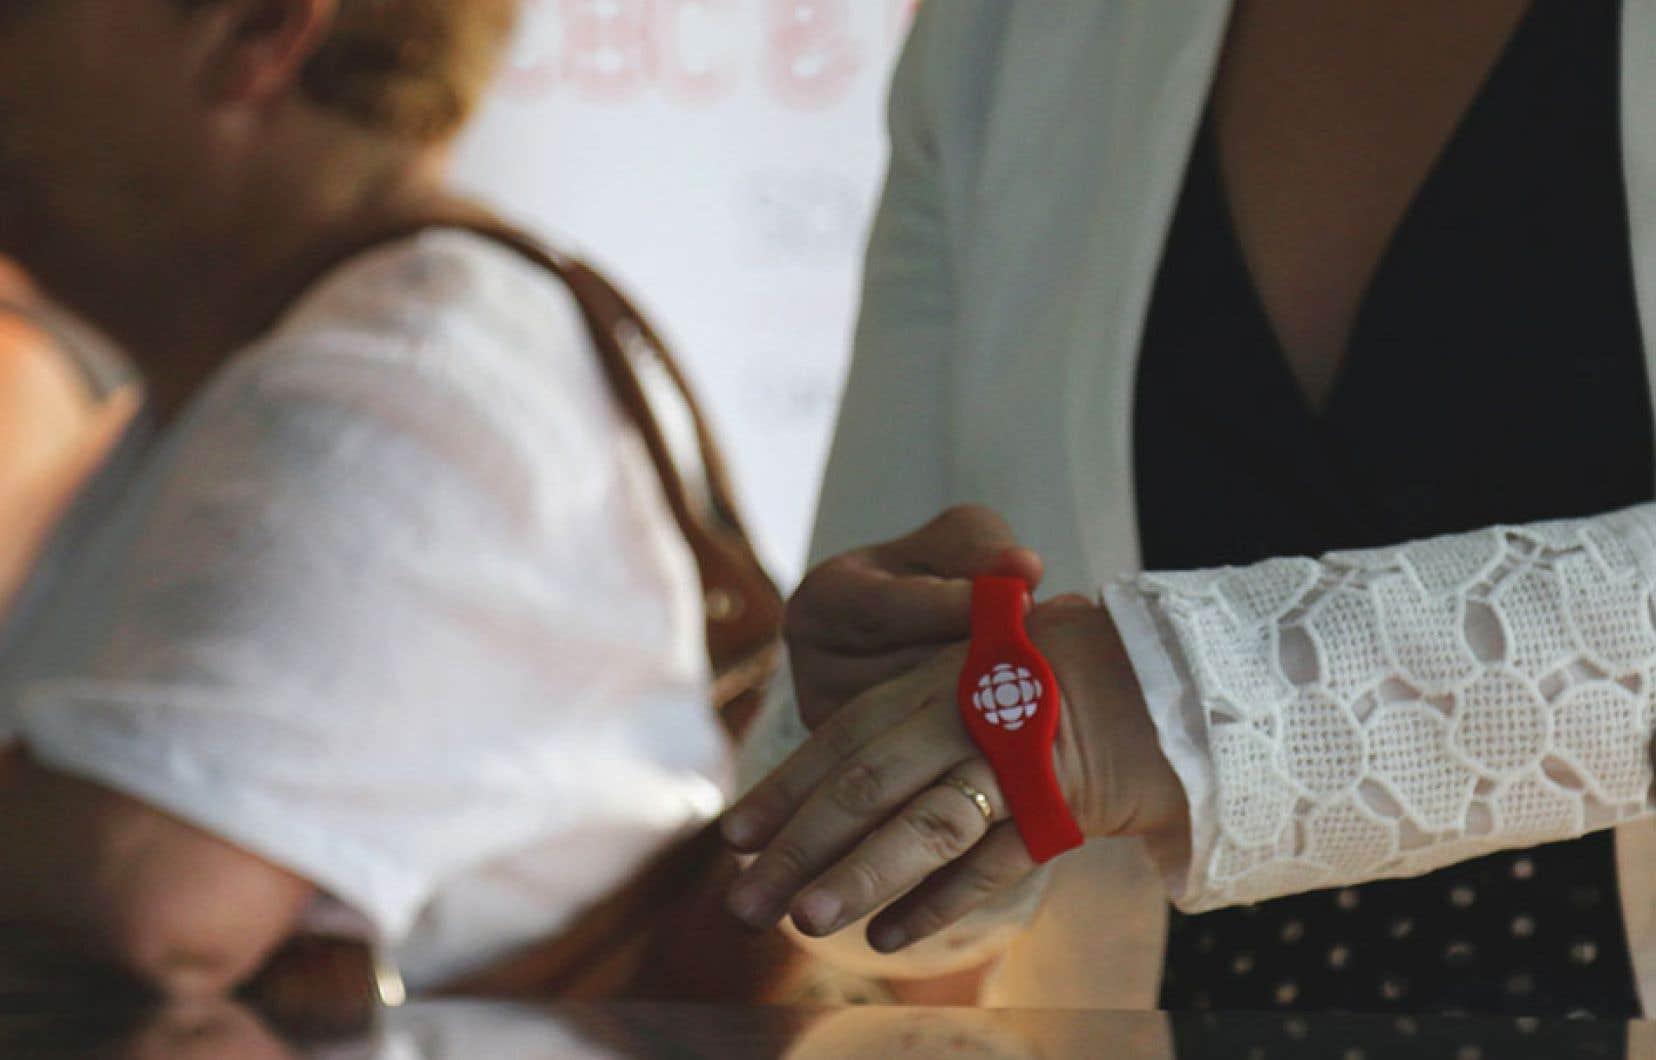 Les bracelets de l'entreprise québécoise Connect and Go contrôlent les entrées et les sorties des personnes accréditées dans le village olympique, à Pyeongchang.